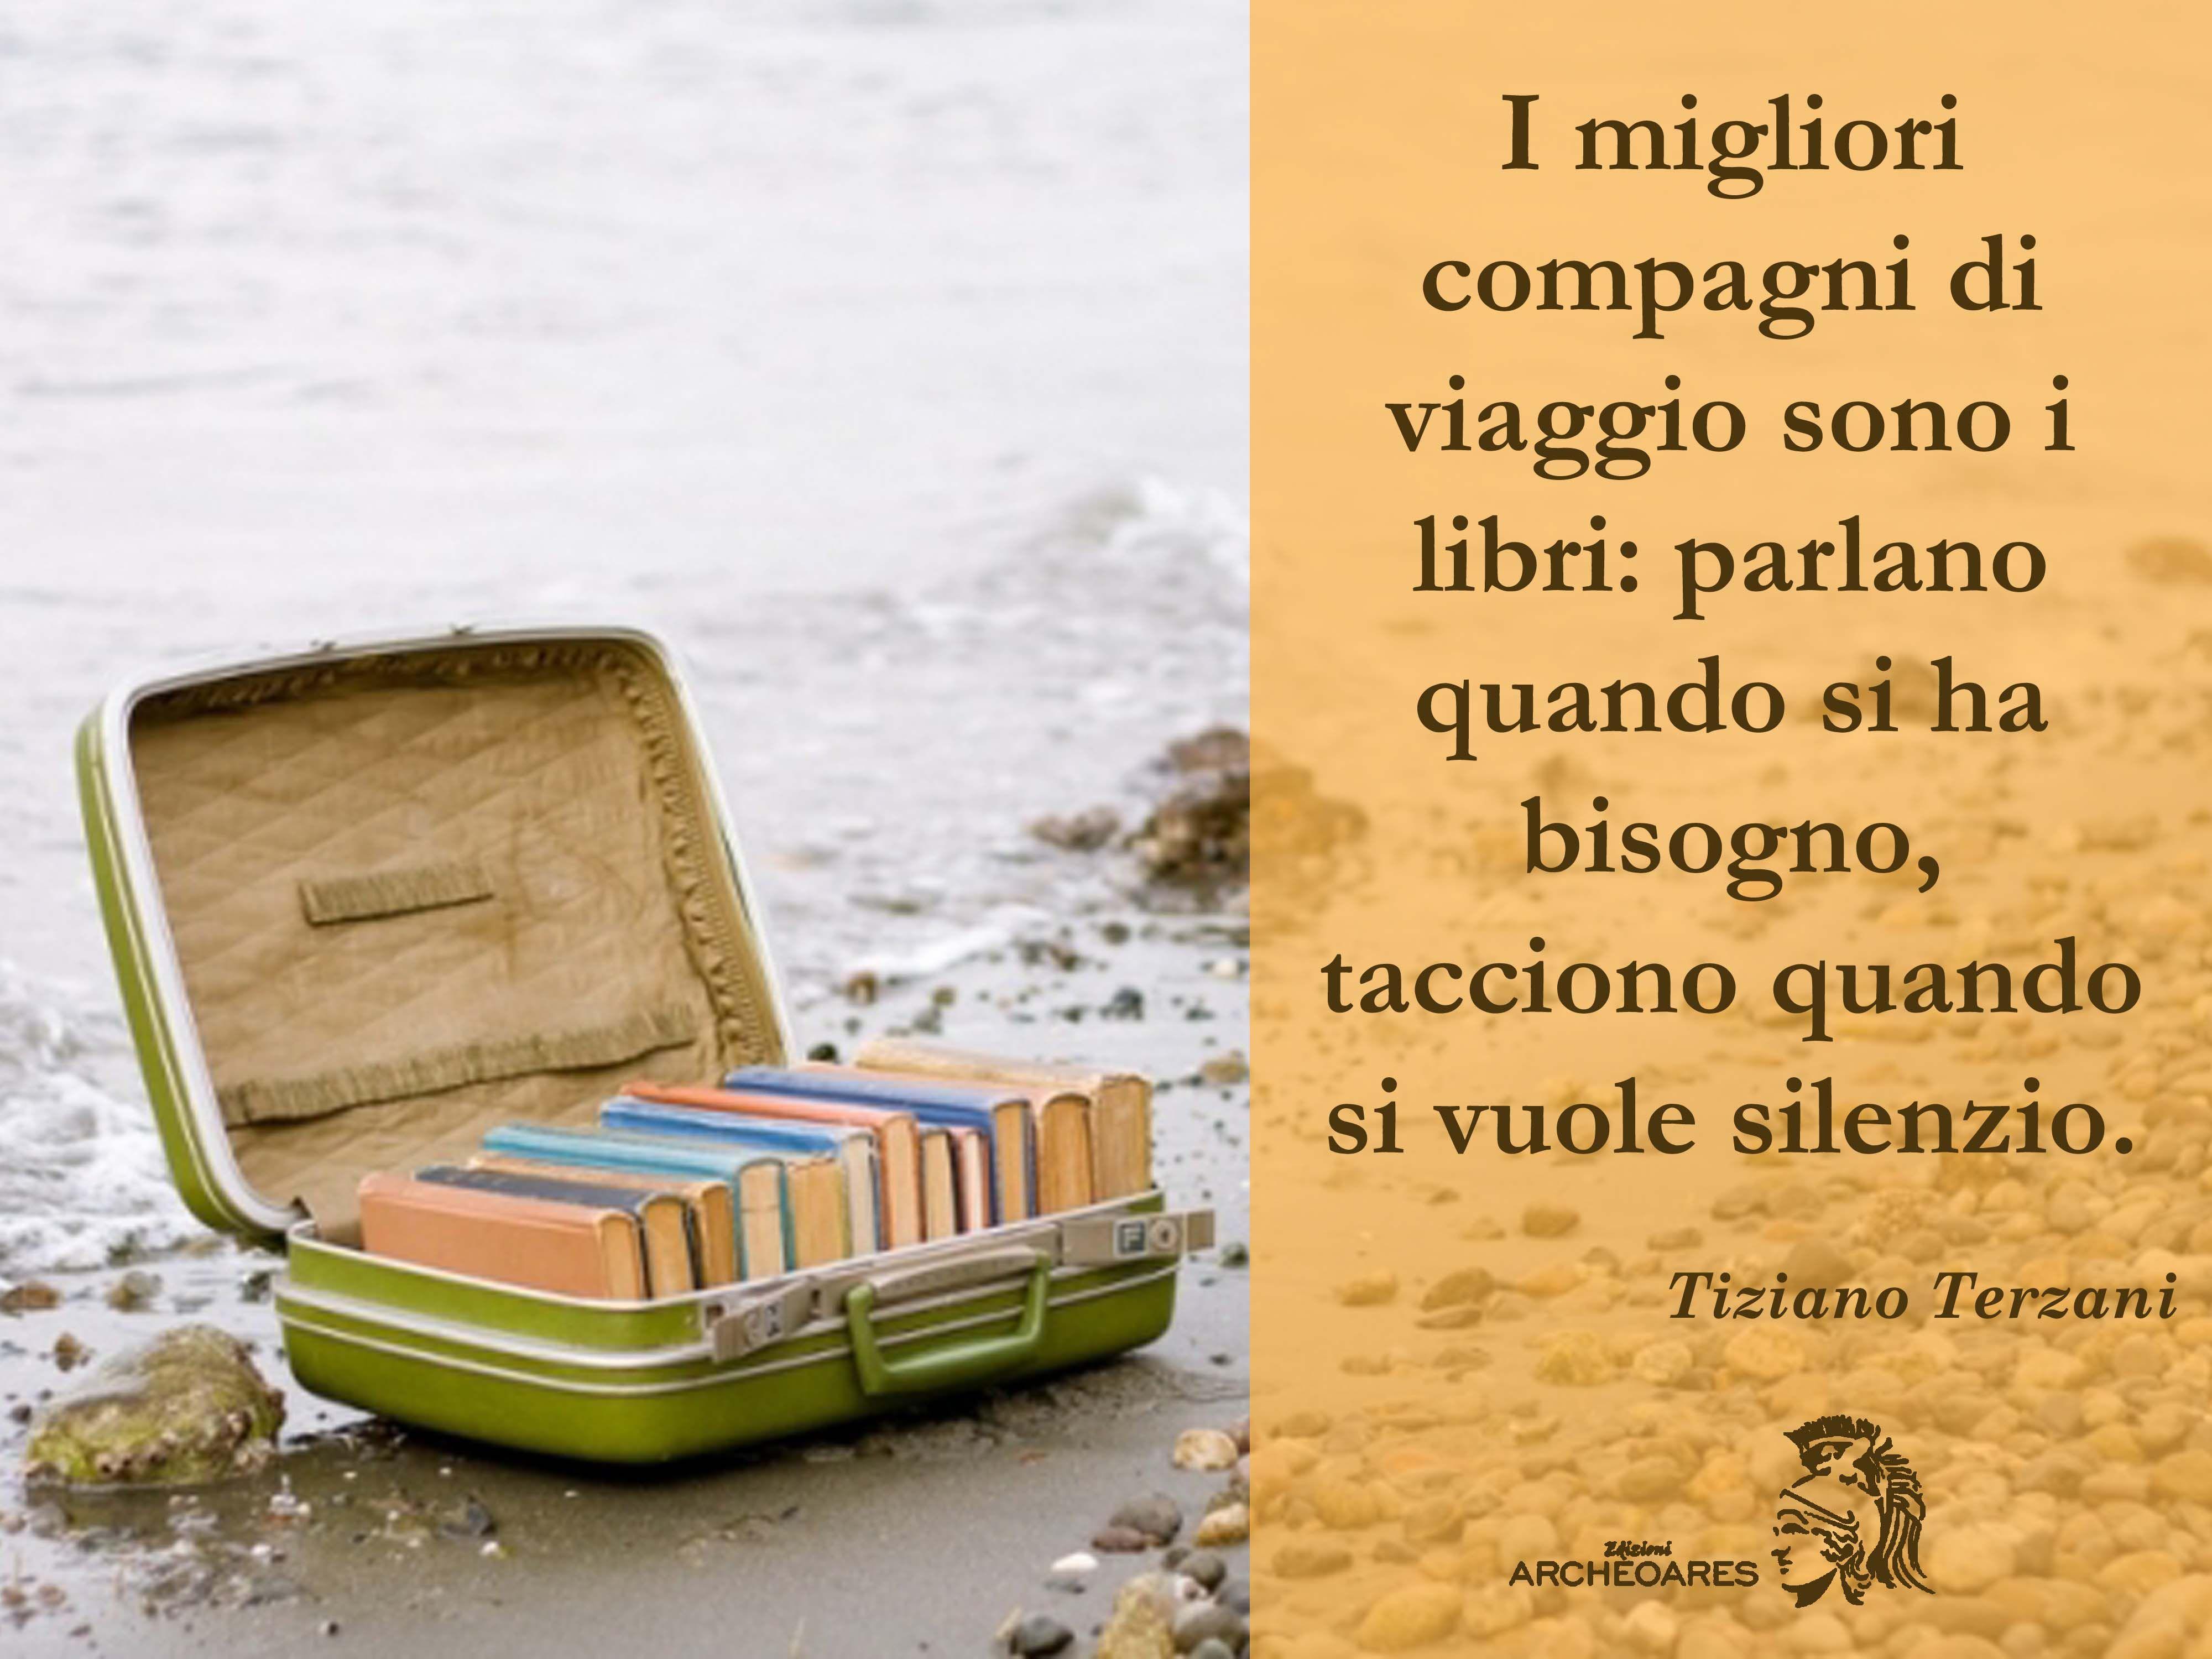 """""""I migliori compagni di viaggio sono i libri: parlano quando si ha bisogno, tacciono quando si vuole silenzio."""" (T. Terzani)"""